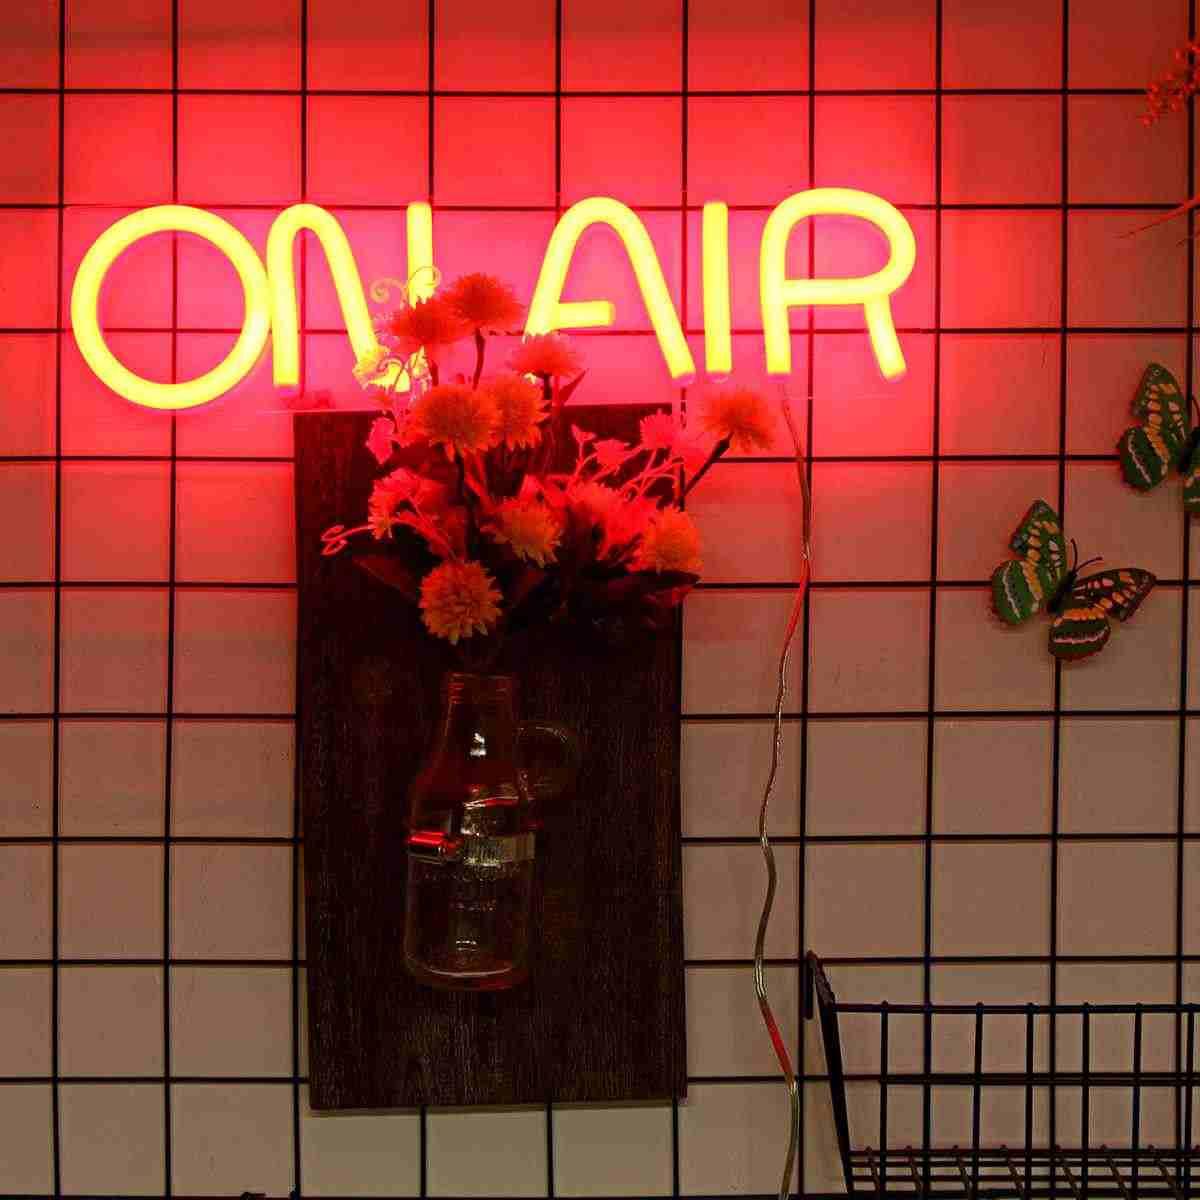 En el aire LED letrero de neón barra de luz Pub Club decoración de pared LED tubo de arte Visual decoración de fiesta lámpara de neón hogar decoración Luz de la noche